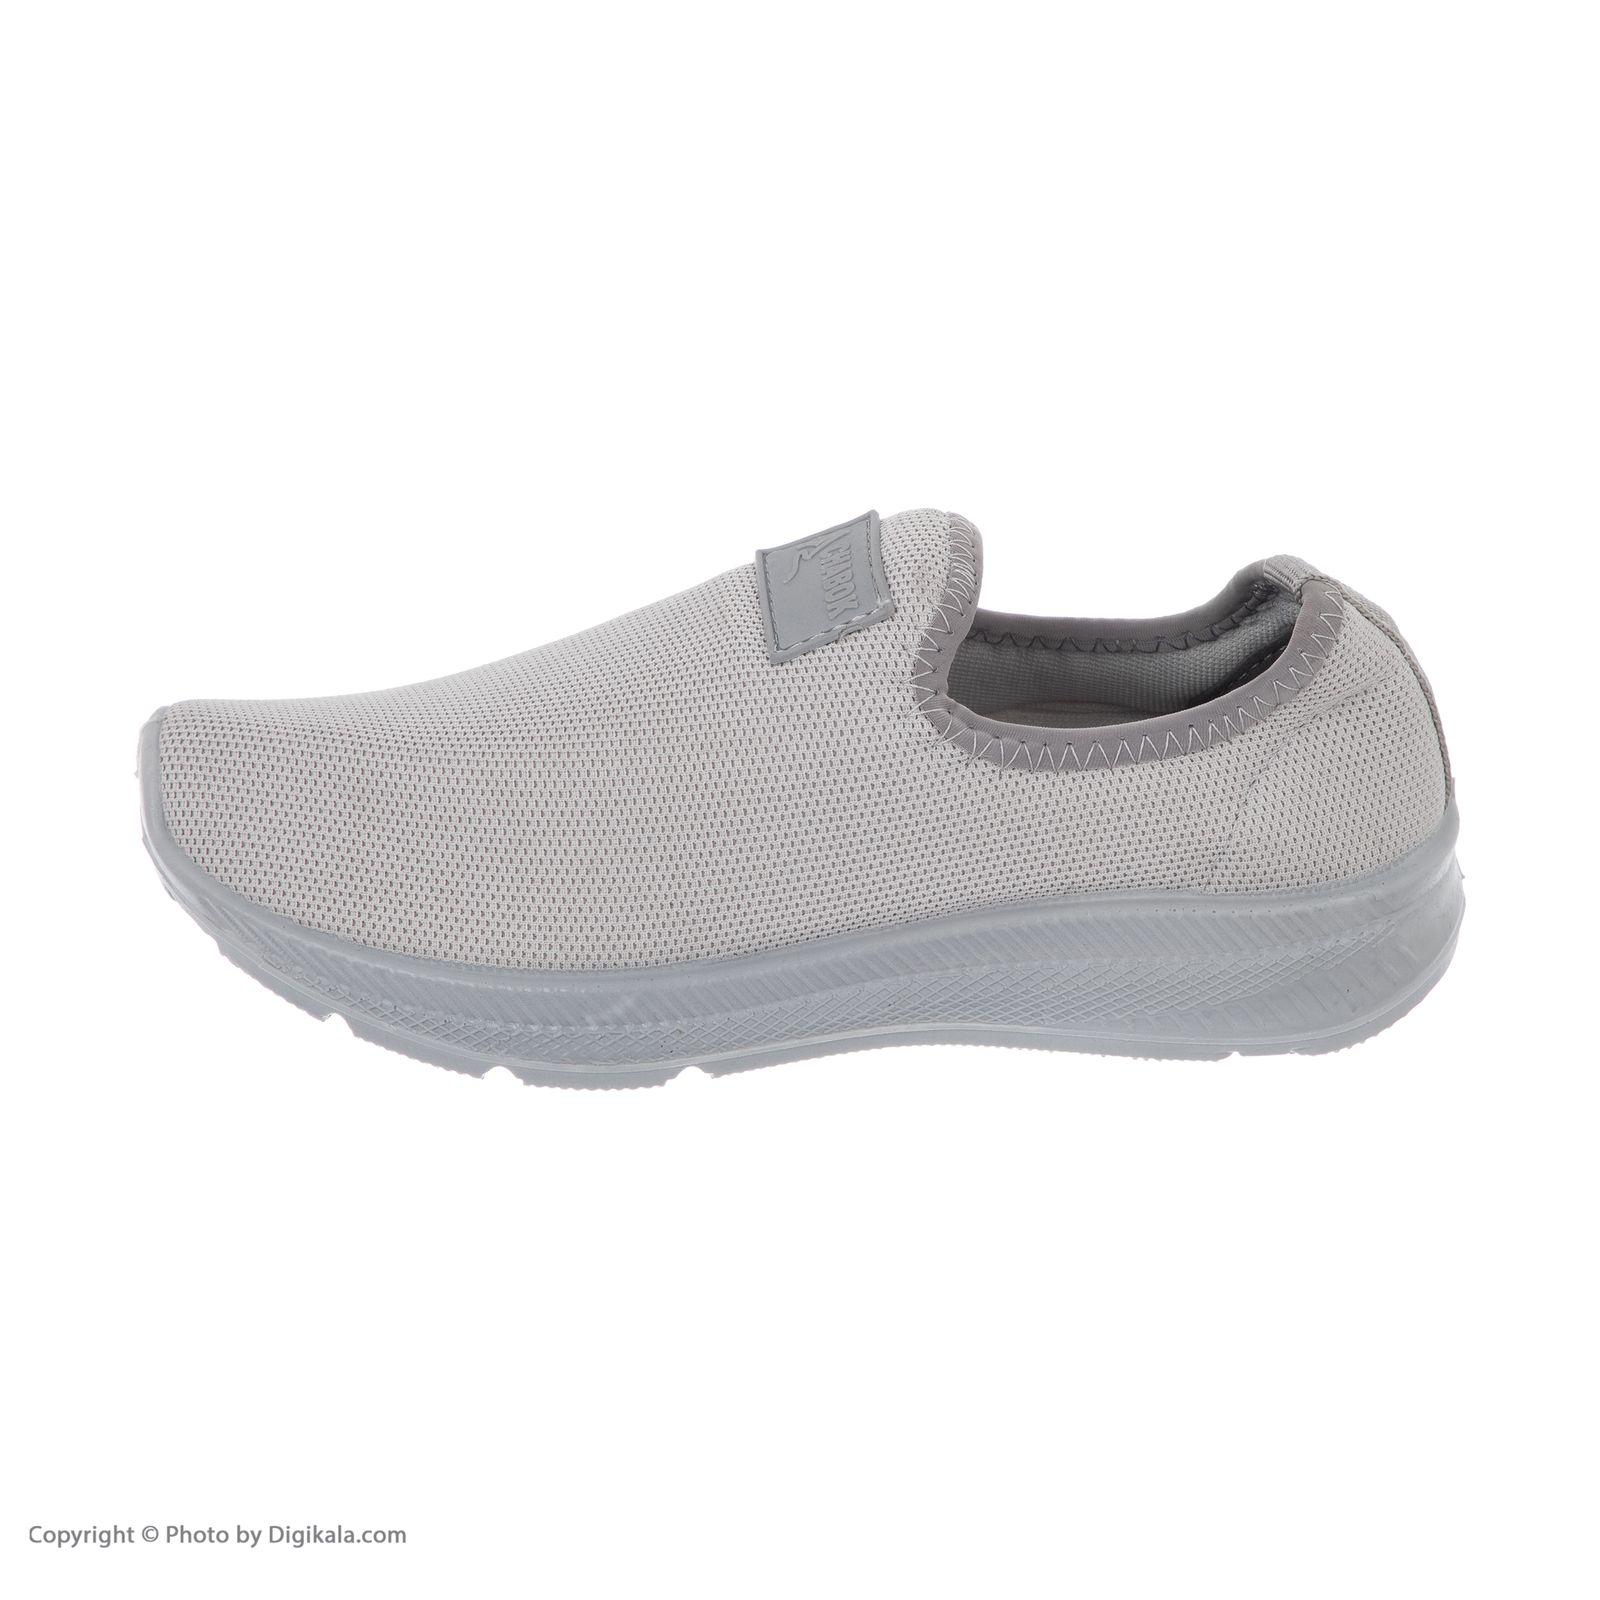 کفش راحتی چابک مدل رامش رنگ طوسی -  - 3